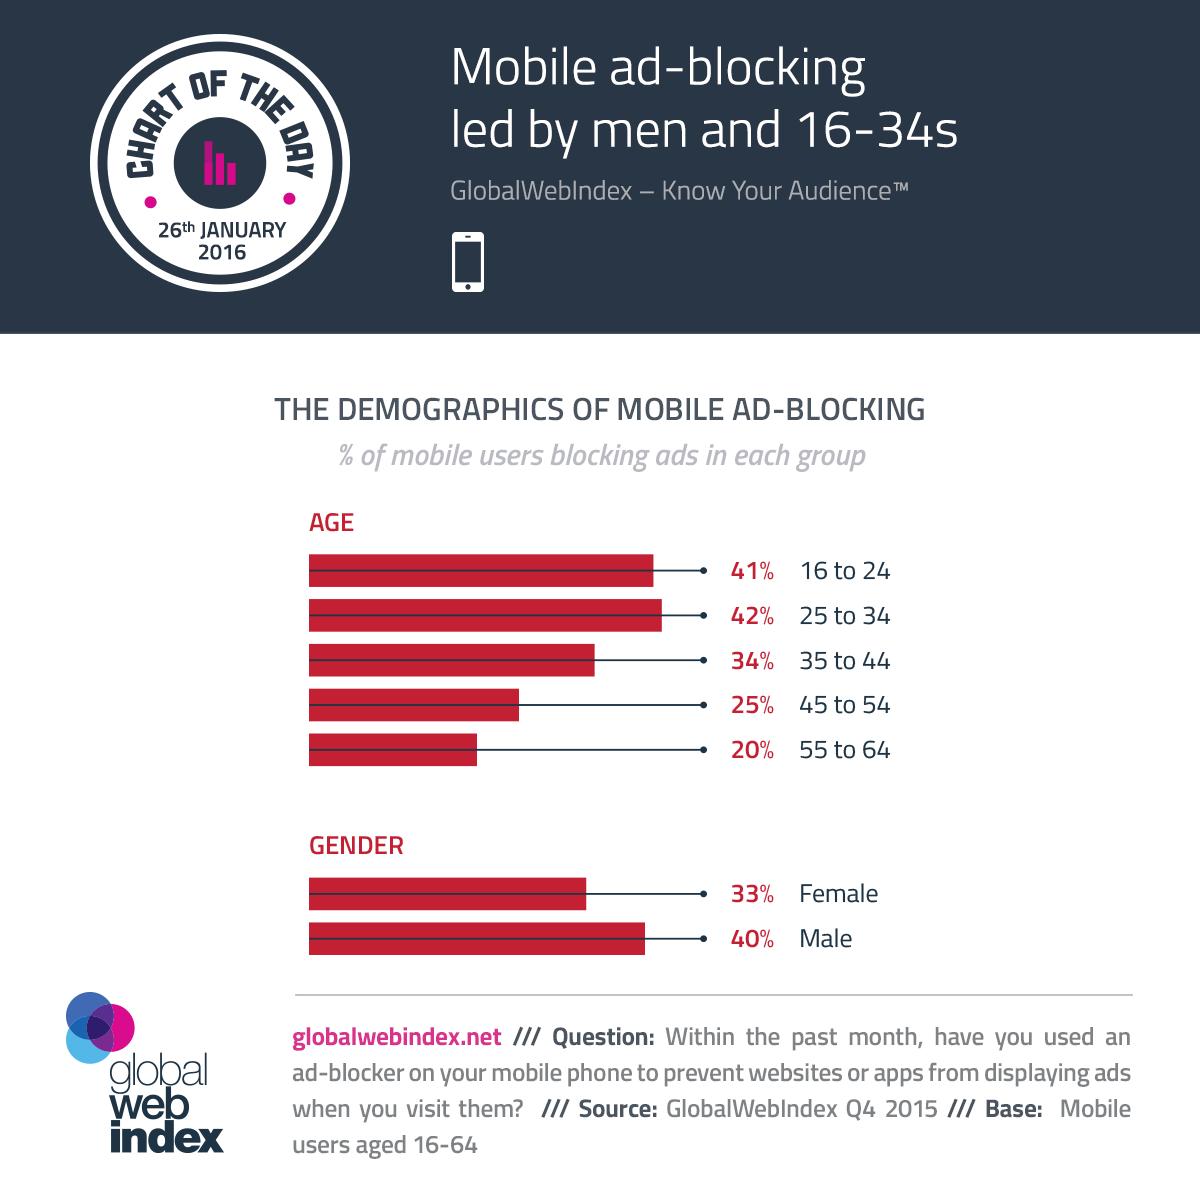 37% de los usuarios móviles están bloqueando anuncios, la mayoría son hombres de 16 a 34 años